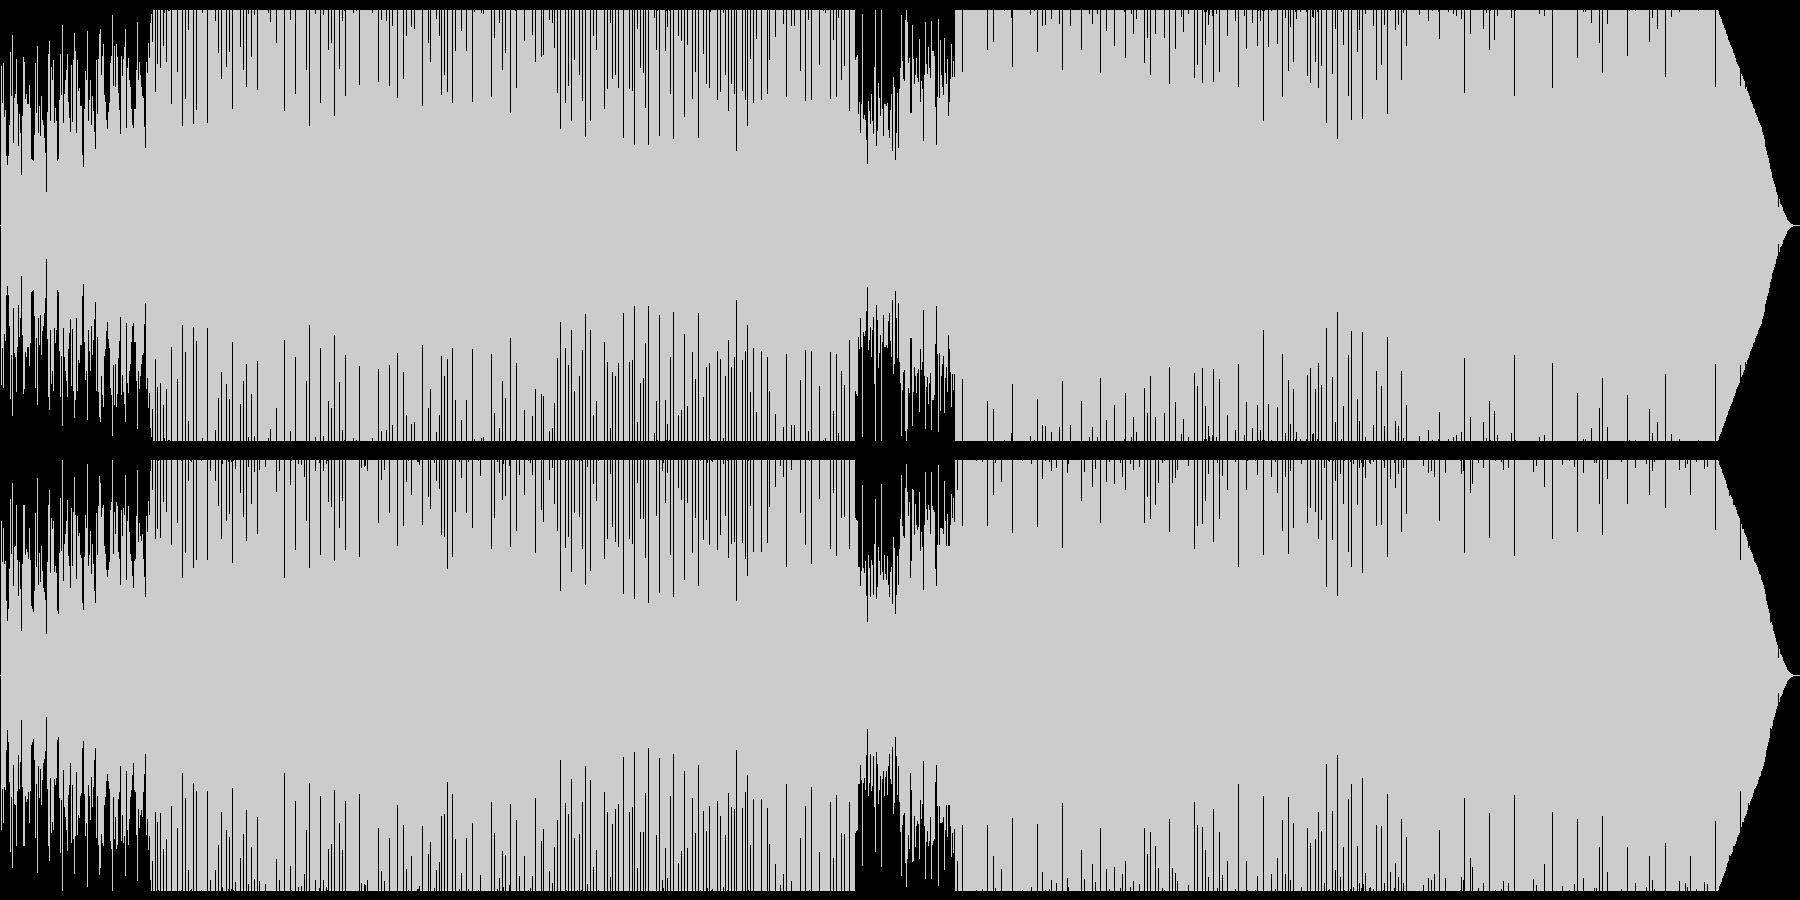 パーカッションとセンセのシンプルなハウスの未再生の波形